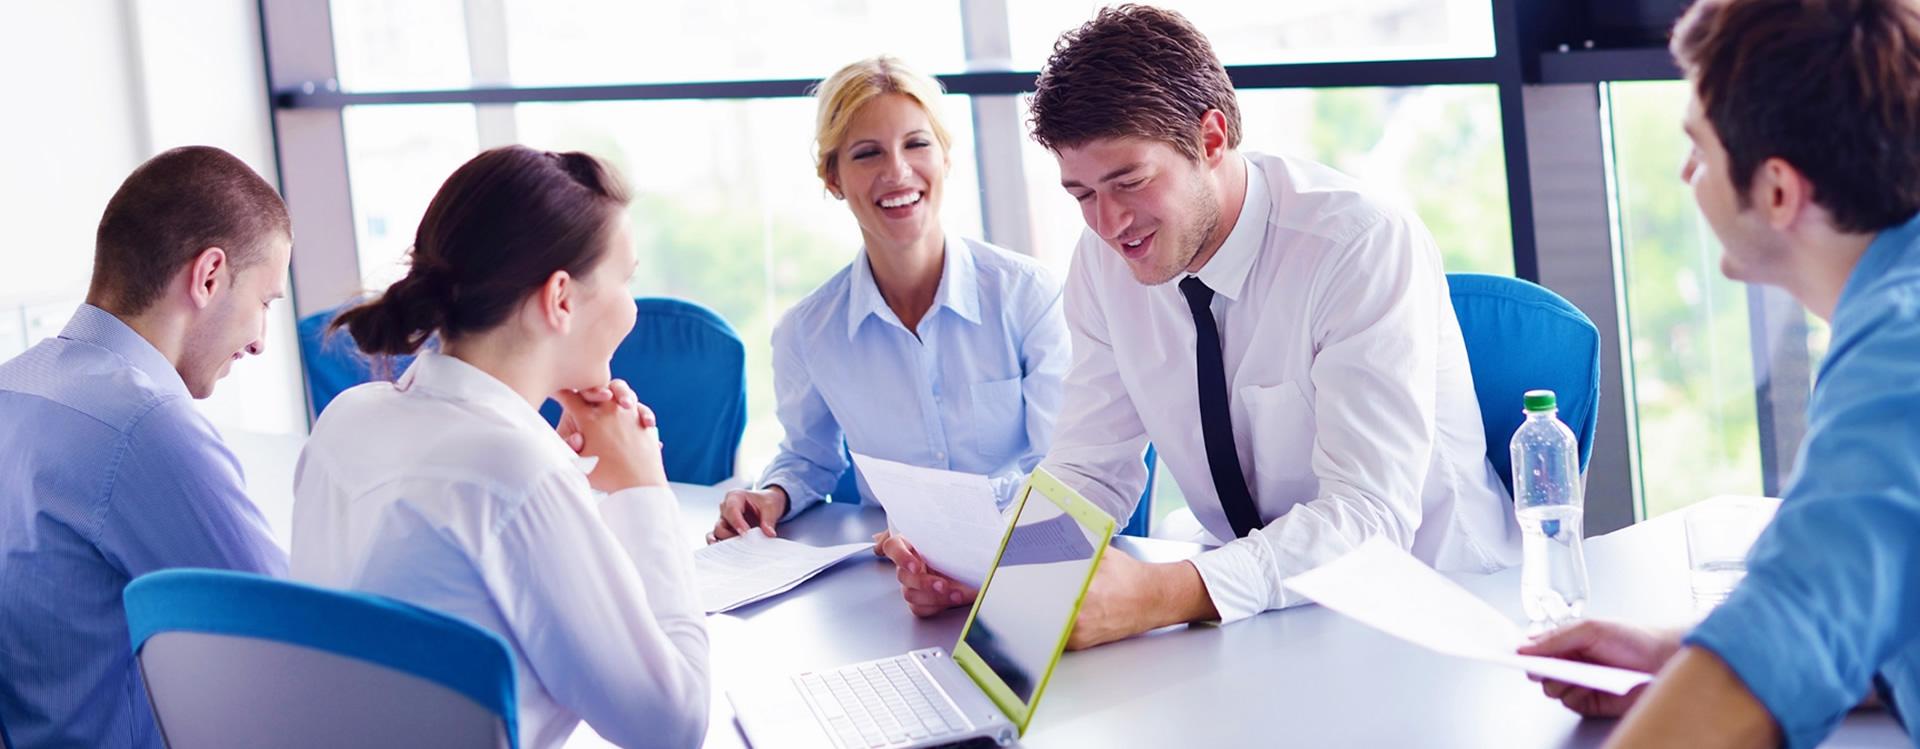 Case-processamento de pedidos-Lean-Hominiss-Consulting